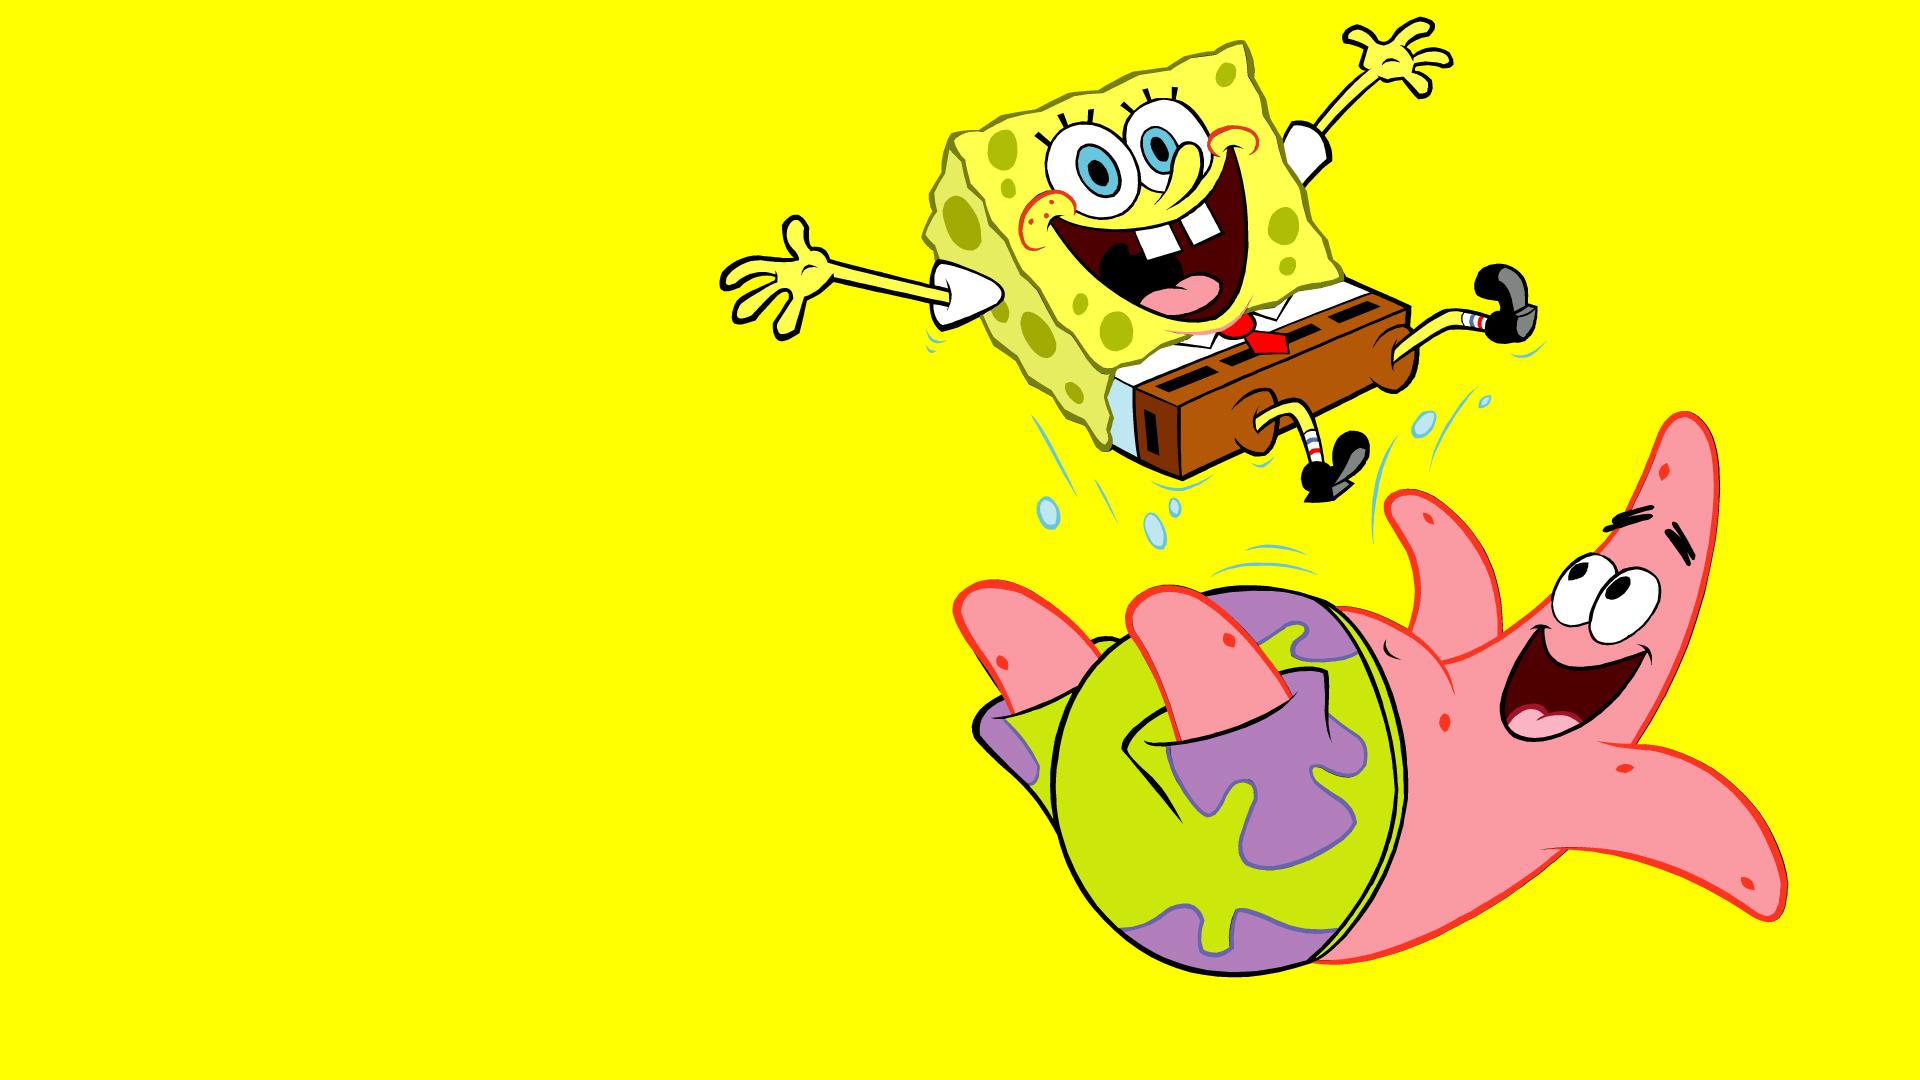 76 Spongebob Squarepants Wallpaper On Wallpapersafari